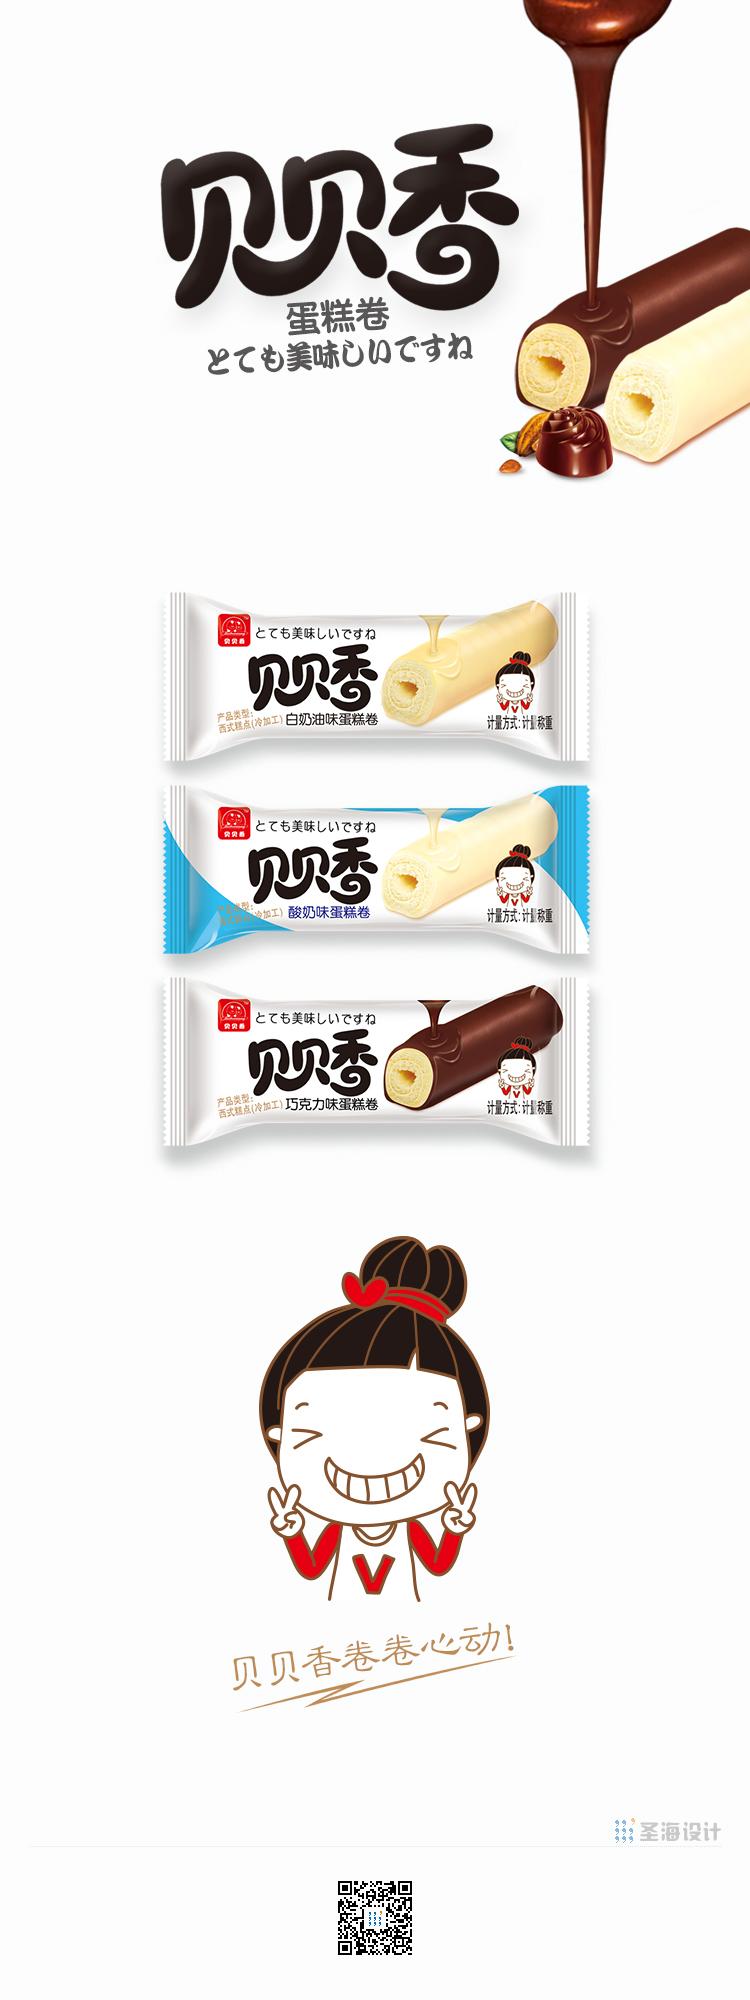 贝贝香蛋糕卷/白奶油味/酸奶味/巧克力味/杭州圣海包装艺术设计有限公司